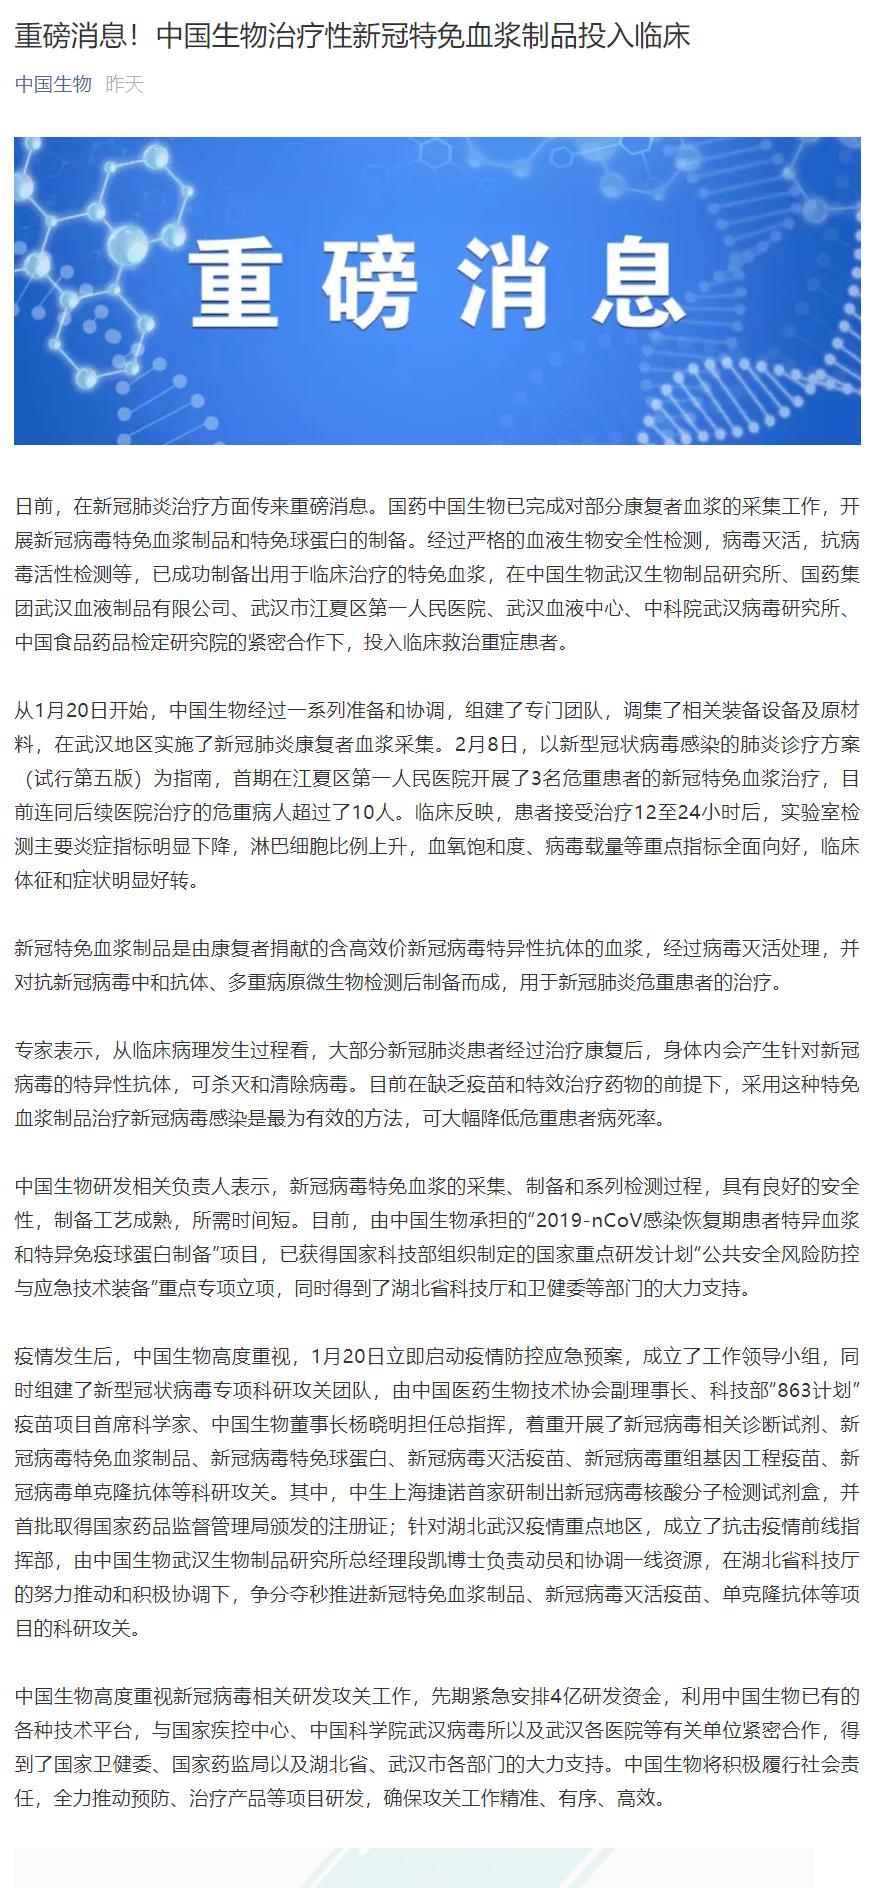 中國生物微信公眾號截圖